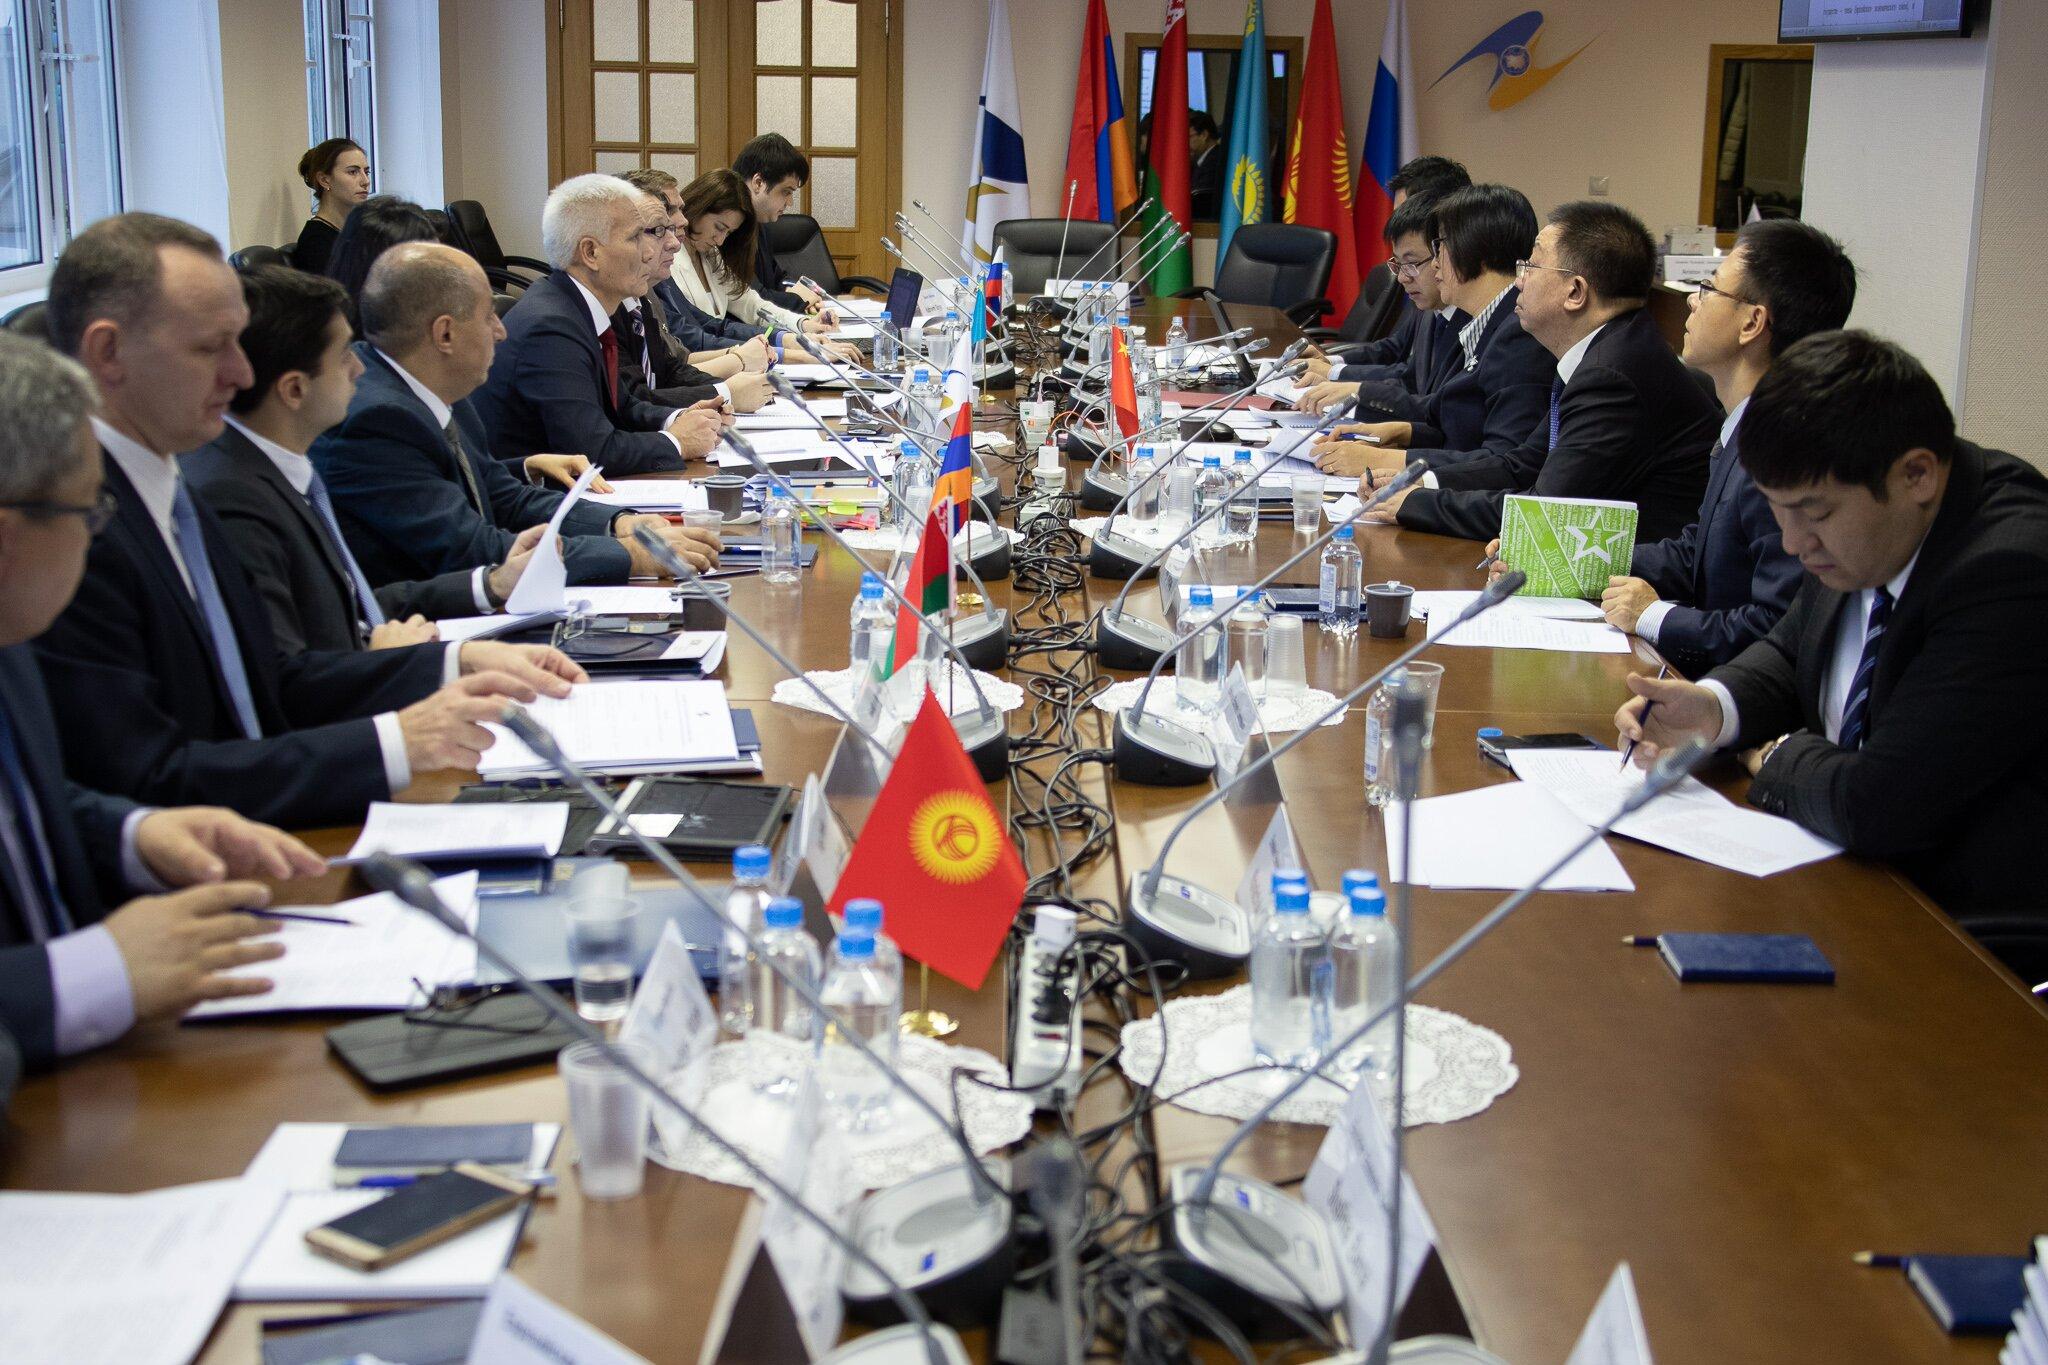 Страны ЕАЭС и Китай обсуждают соглашение об обмене таможенной информацией